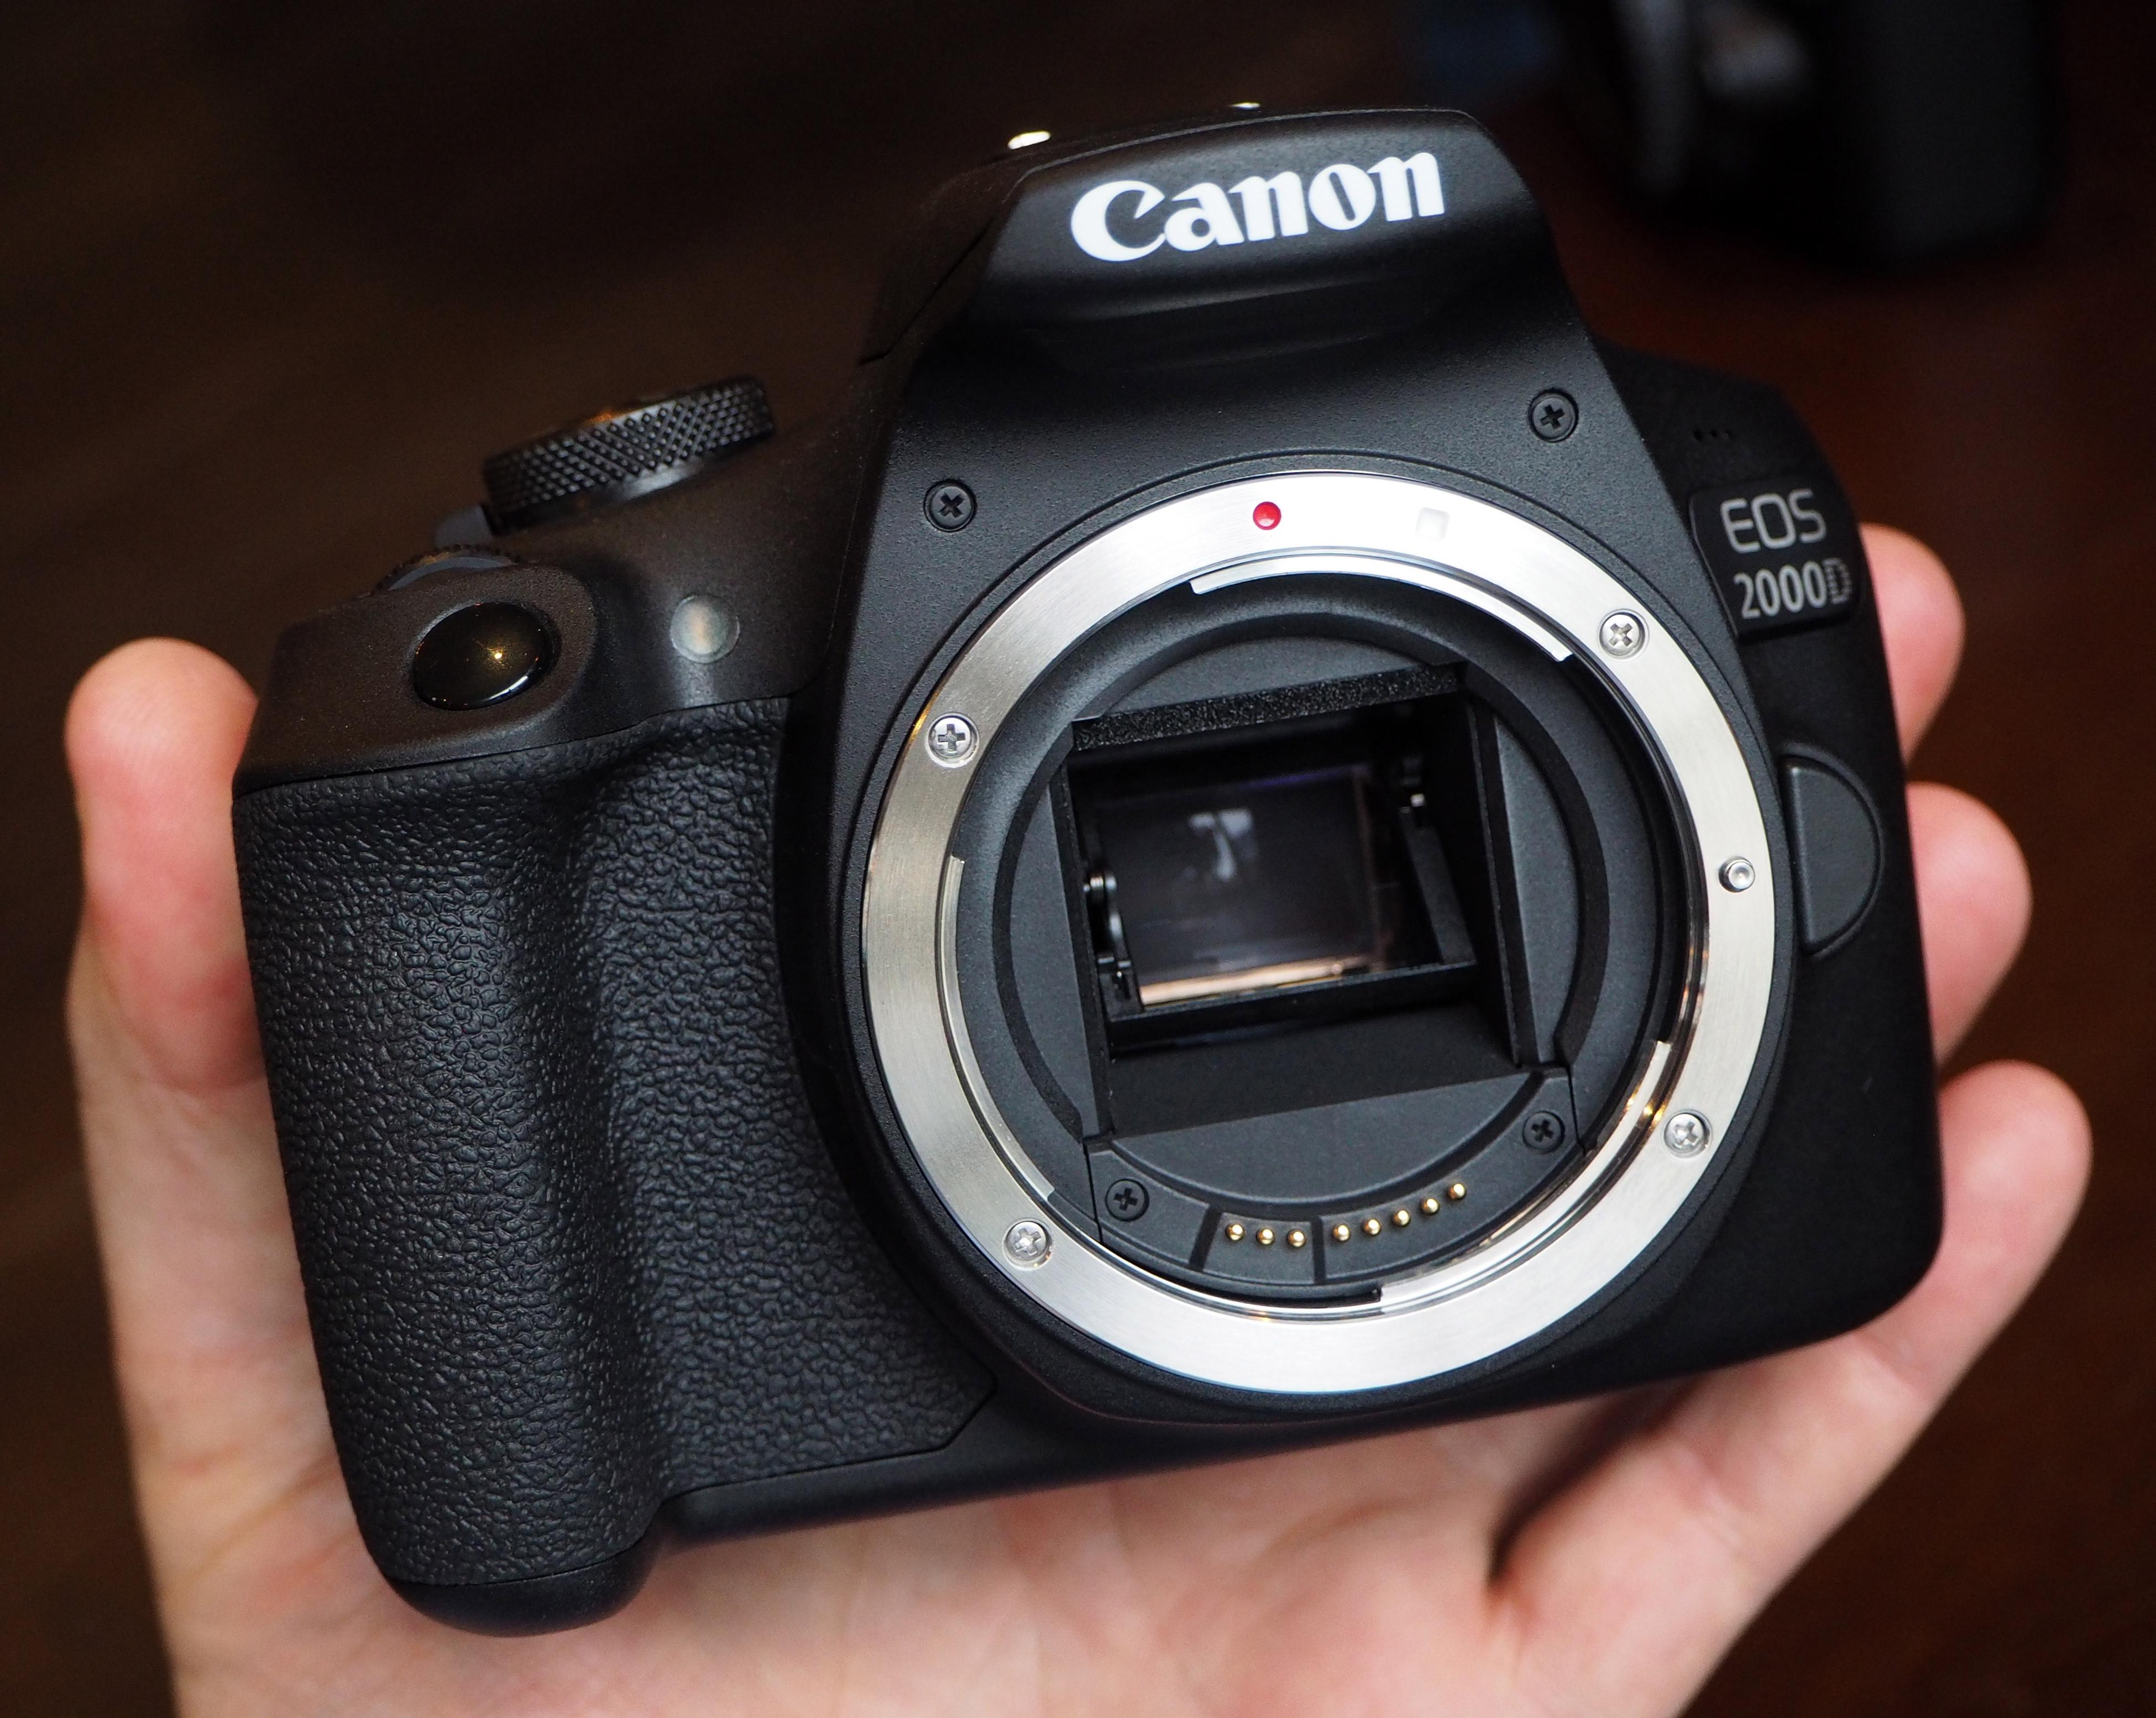 Canon rebel video recording